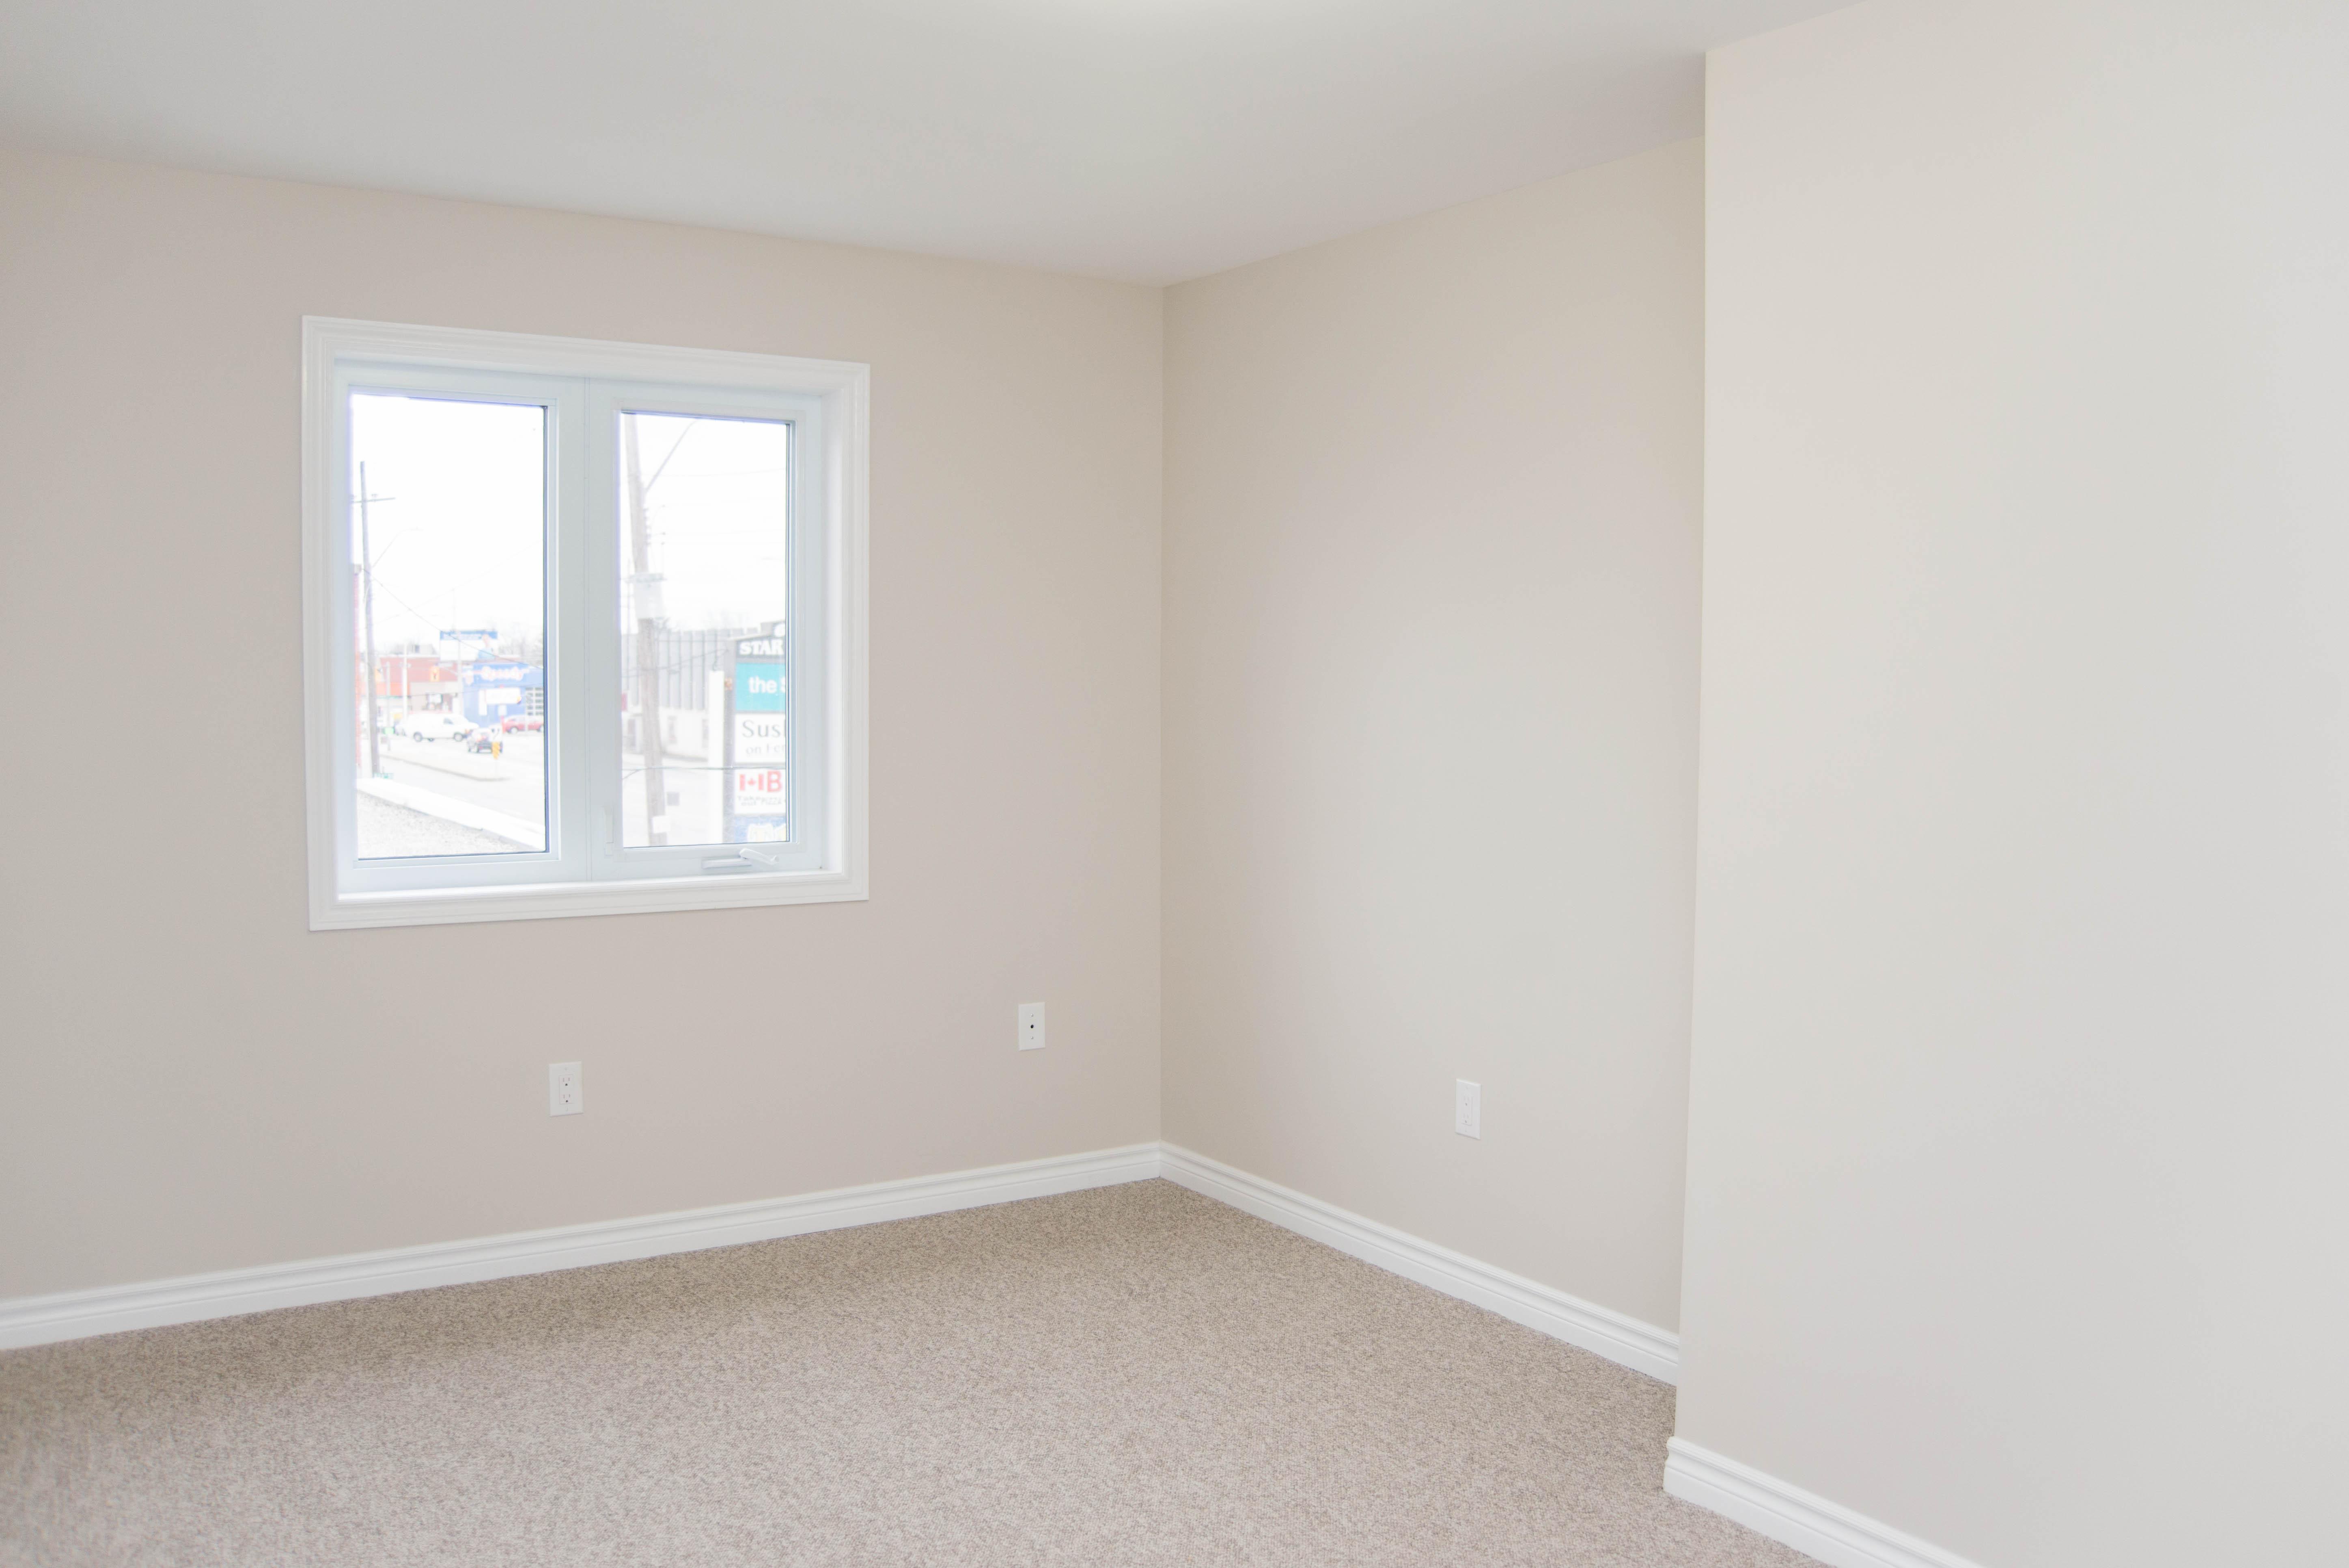 3 Bedroom - Master Bedroom